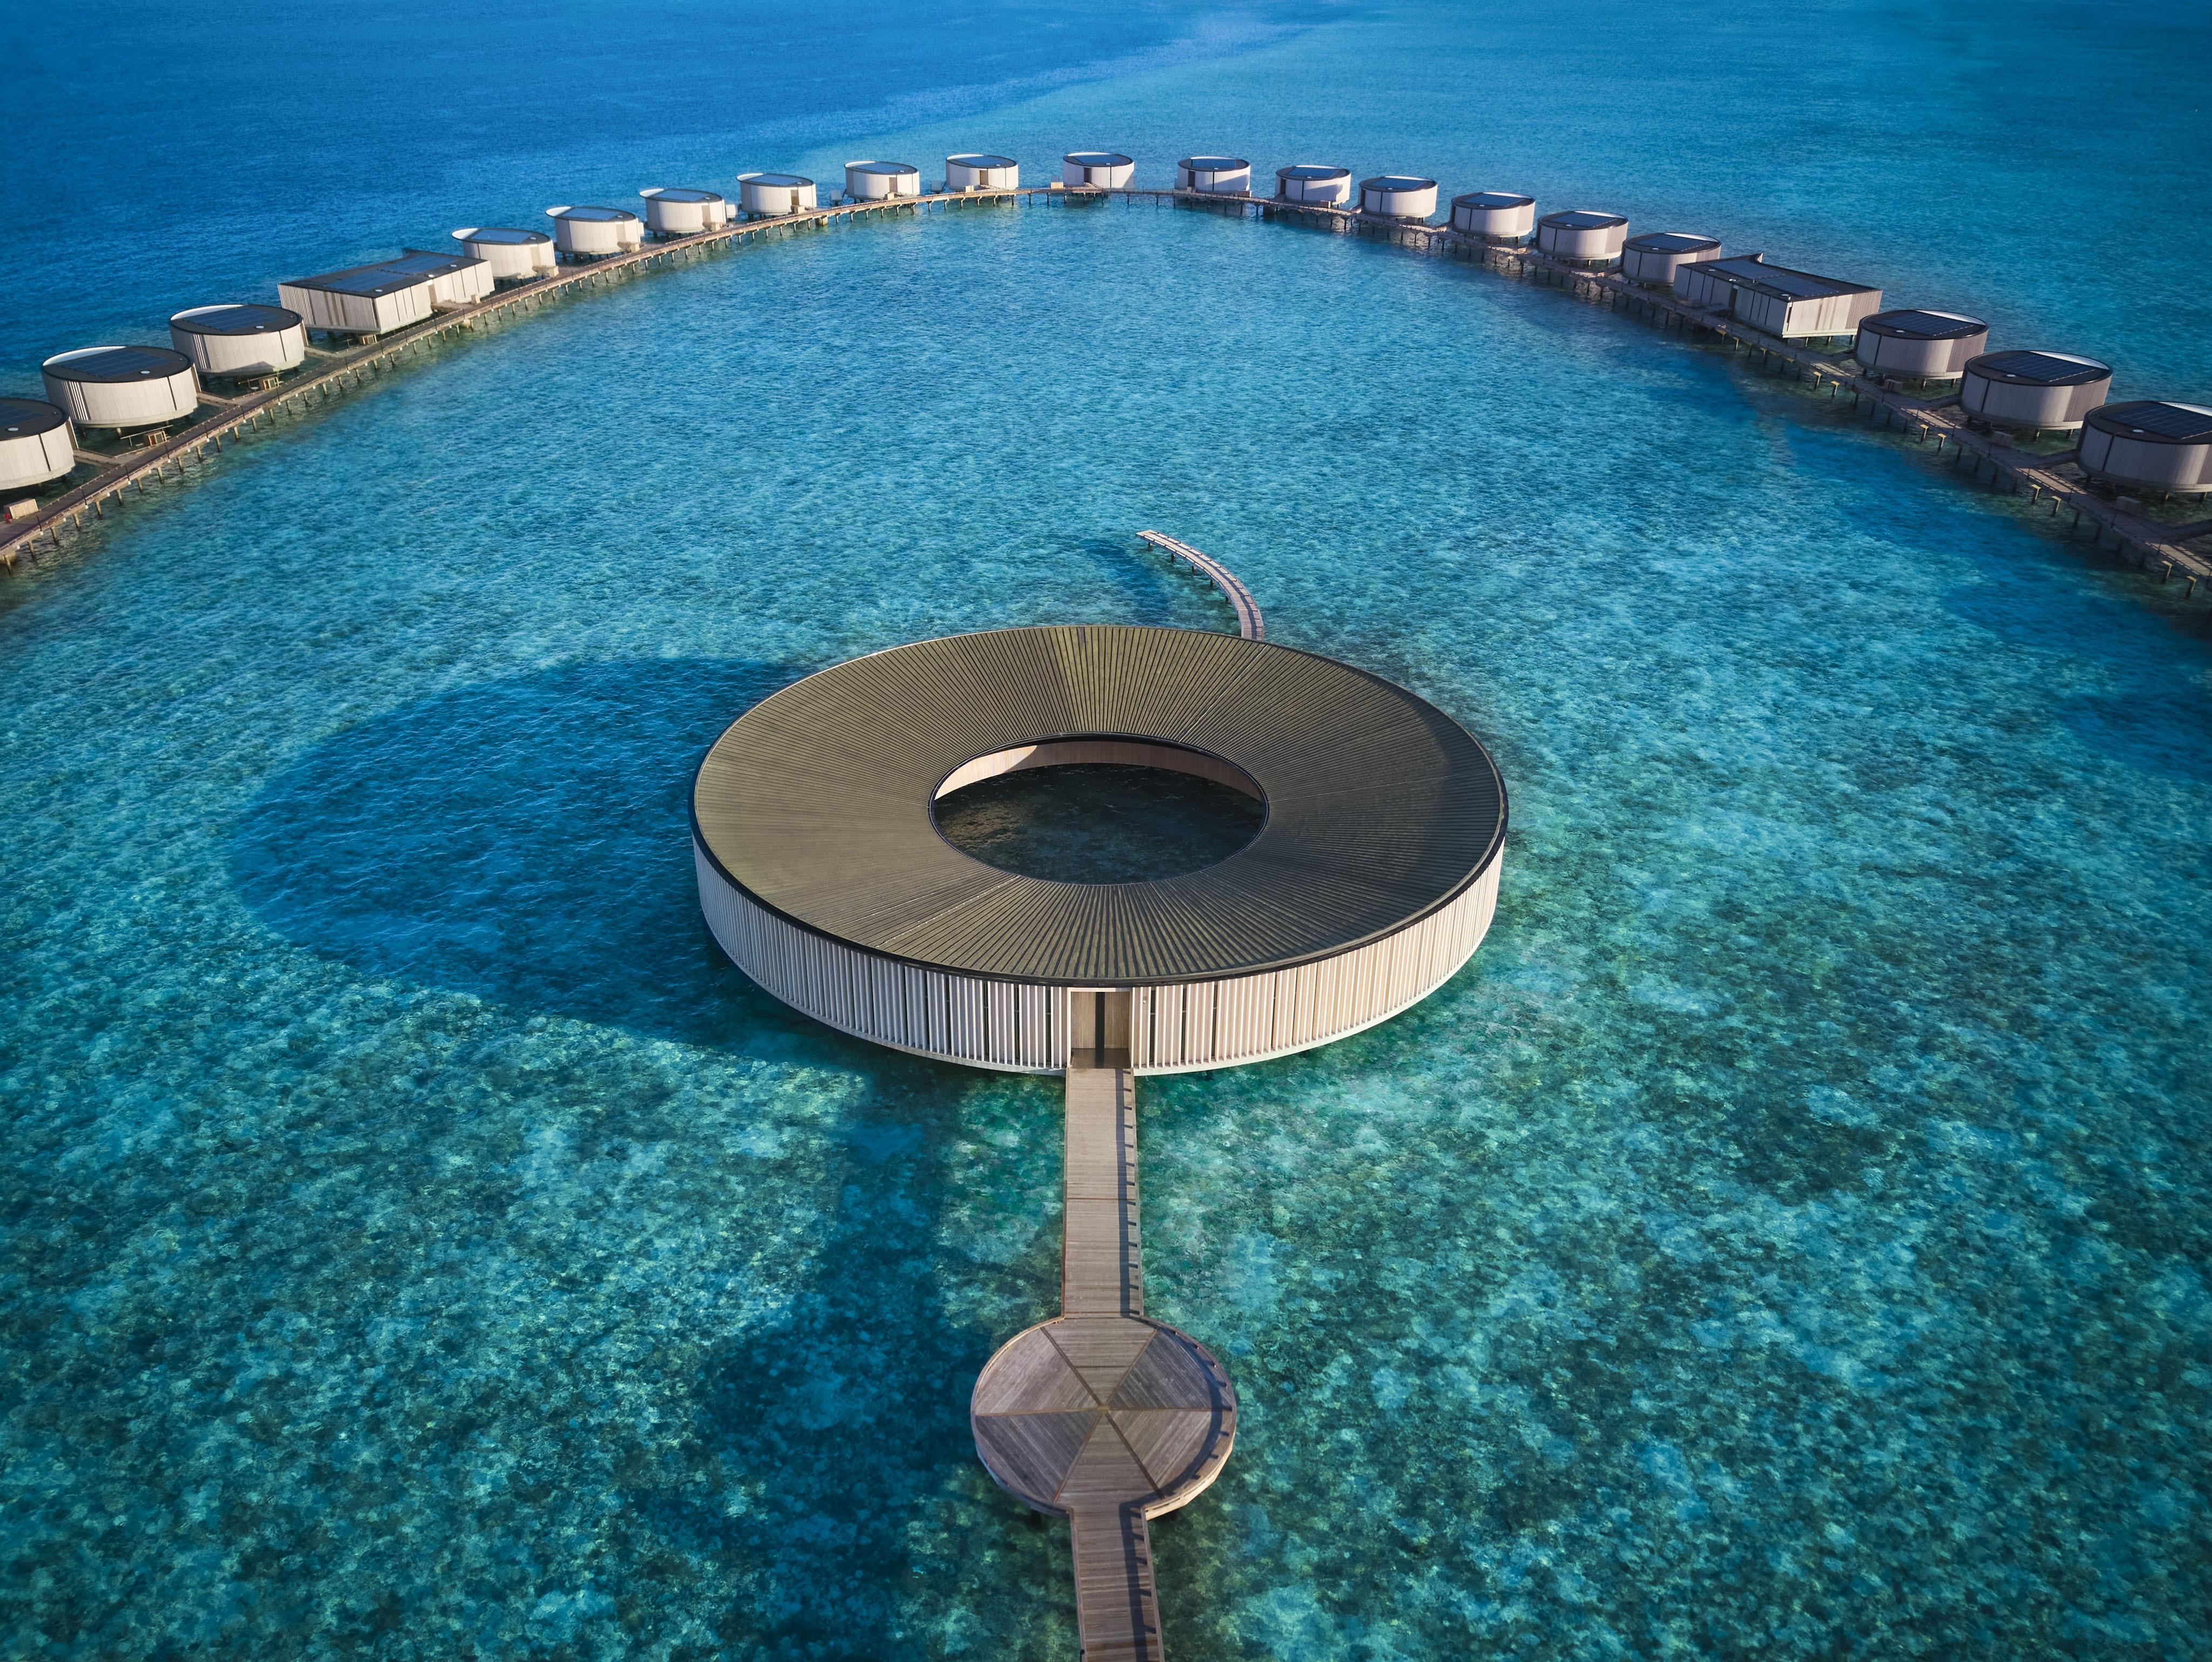 The Ritz-Carlton Maldives, Fari Islands - The Ritz-Carlton Spa - Aerial view.jpg